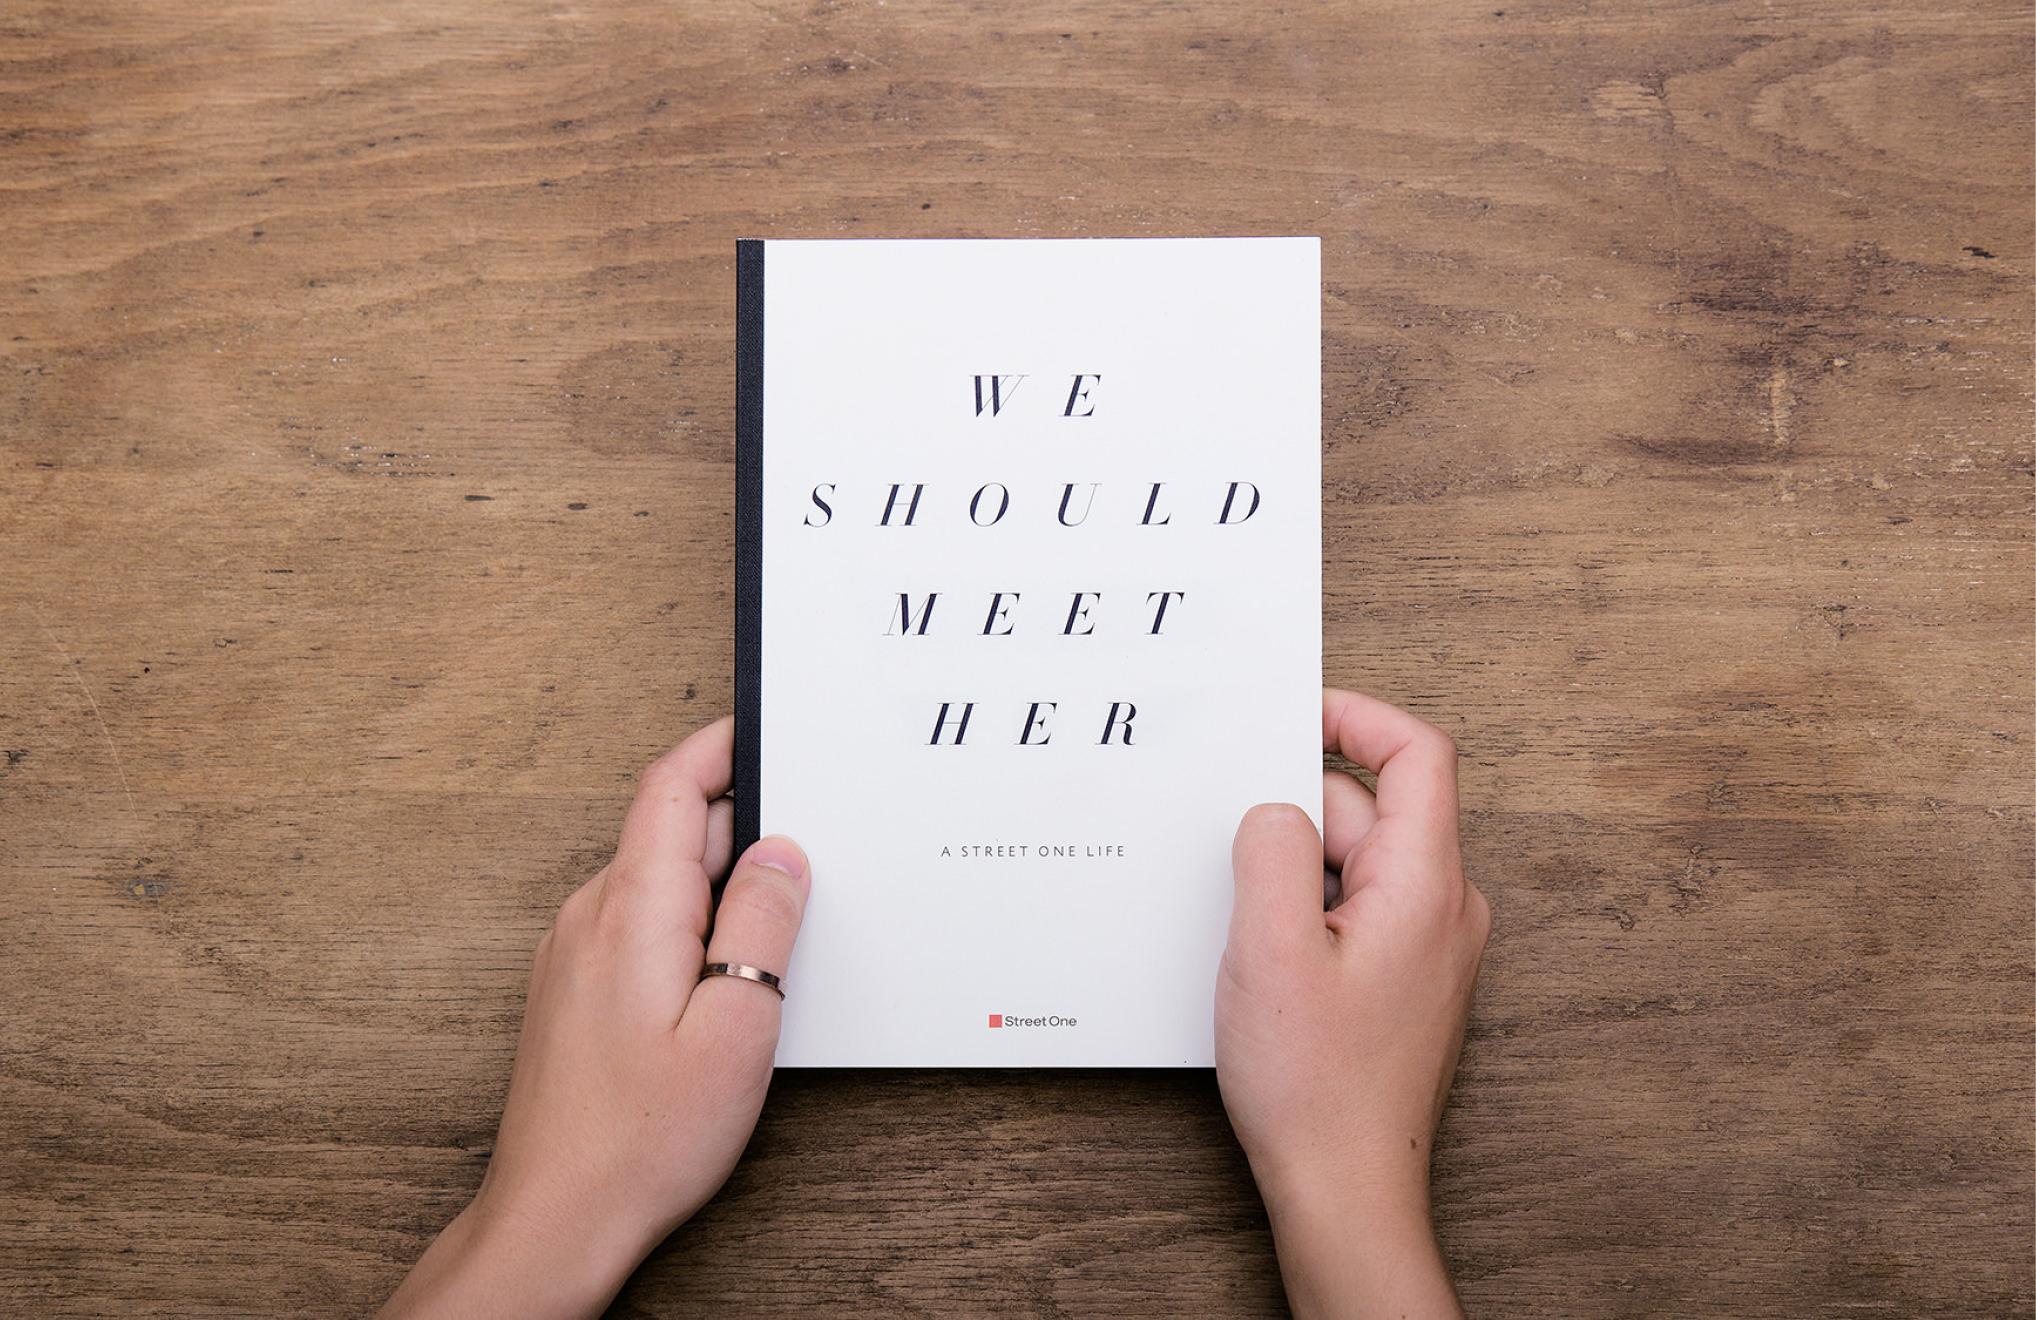 Für den Vertrieb der Modemarke Street One entwickelten die sons of ipanema aus Köln ein Buch.